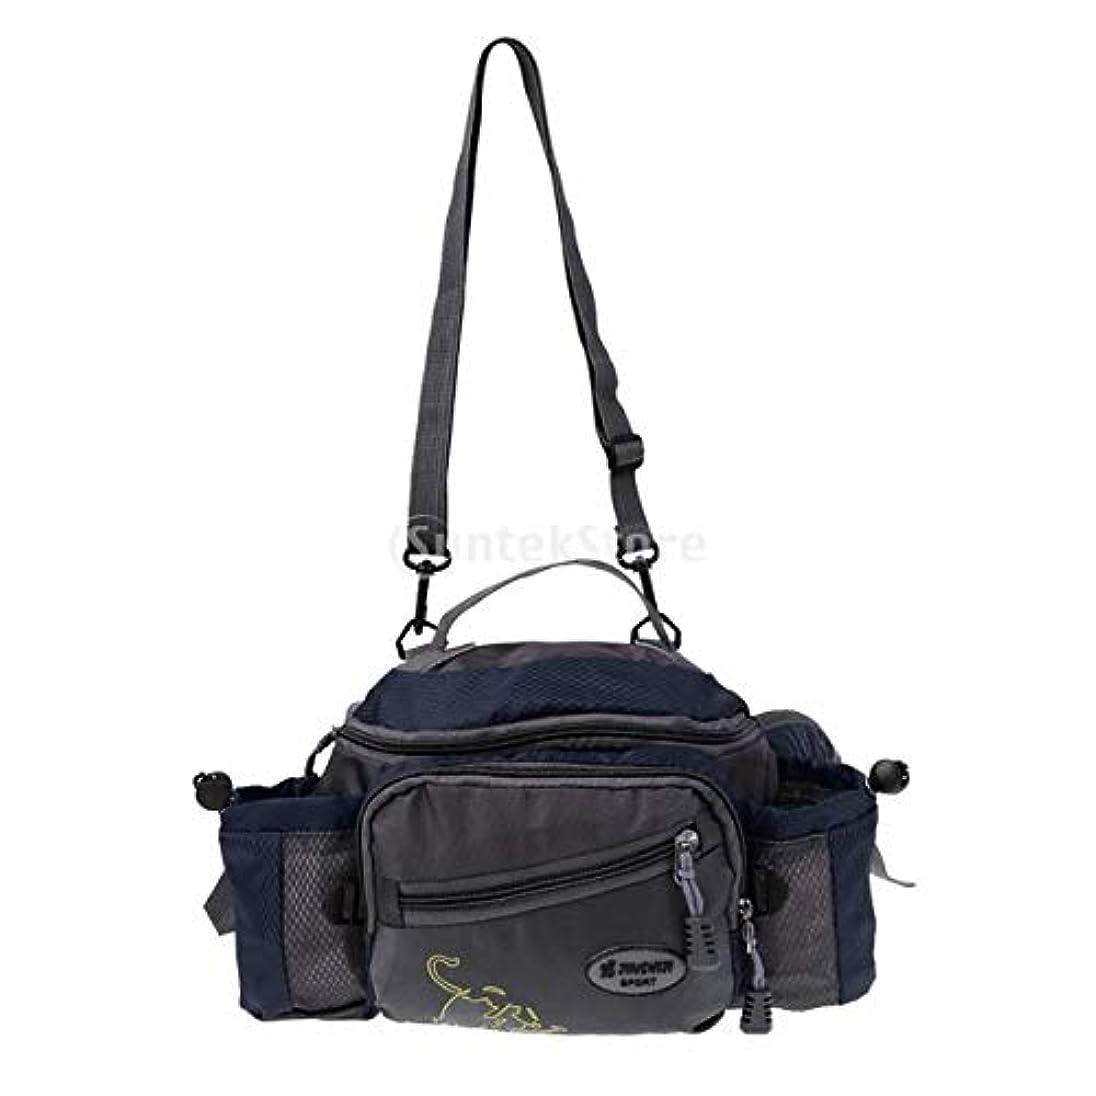 完全に乾くカテゴリーつぶすナイロン製 釣りタックルバッグ 多機能 ショルダー ウエスト フィッシング ギア 3色選べる - 青